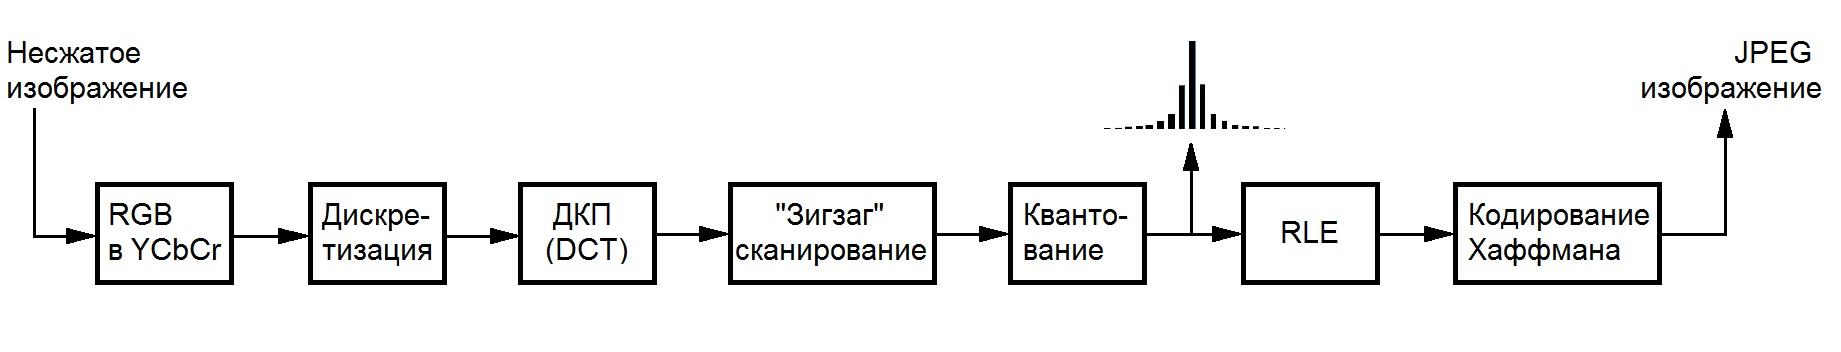 Кодирование JPEG